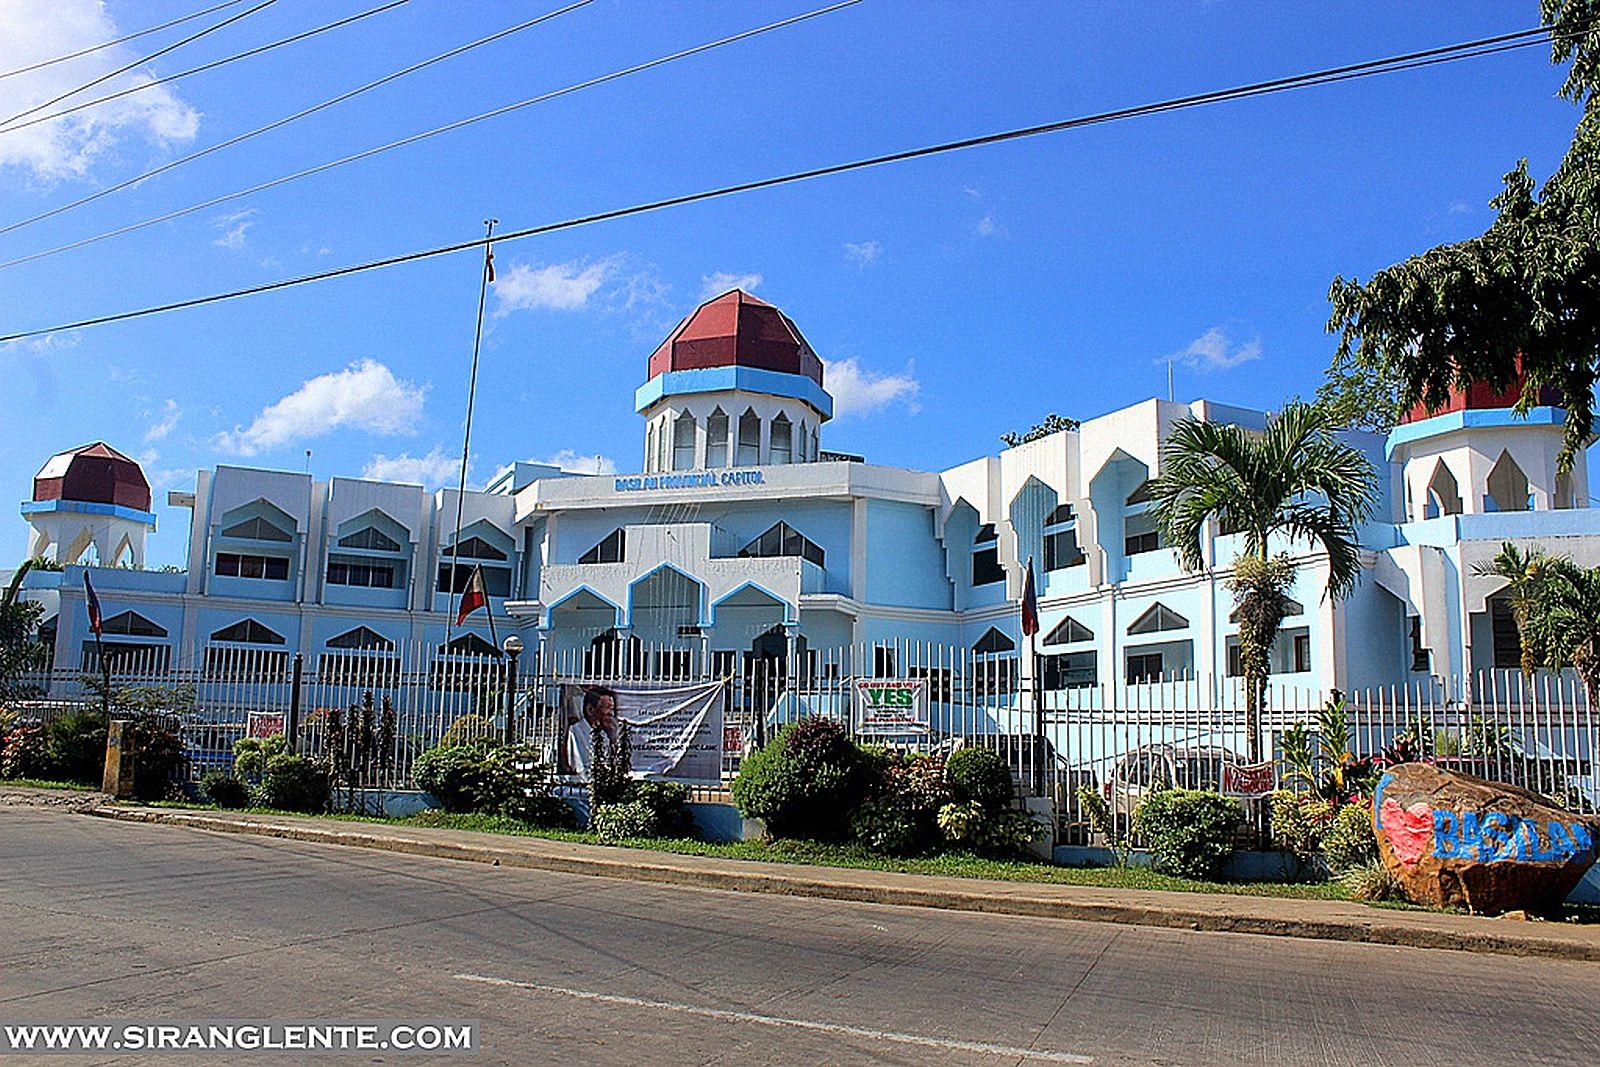 PHILIPPINEN REISEN - ORTE - MINDANAO - BASILAN - Touristische Stadtbeschreibung für Lamitan